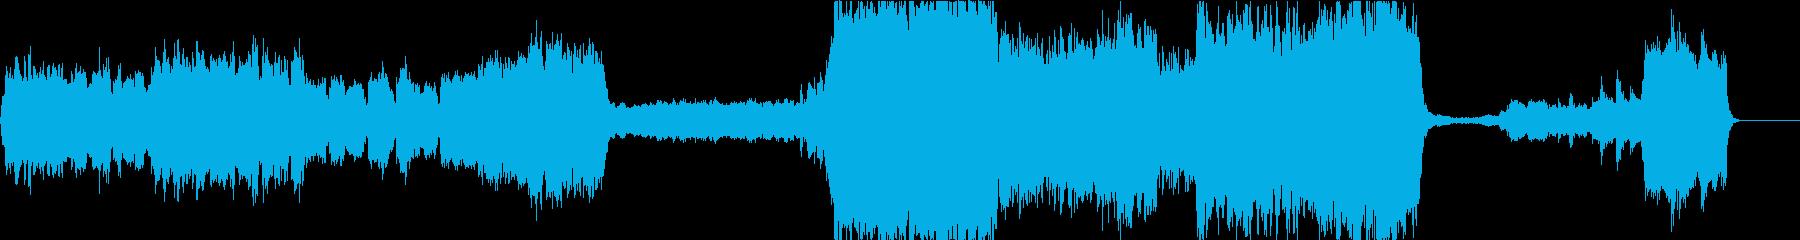 ノルウェーの結婚行進曲(オーケストラ)の再生済みの波形